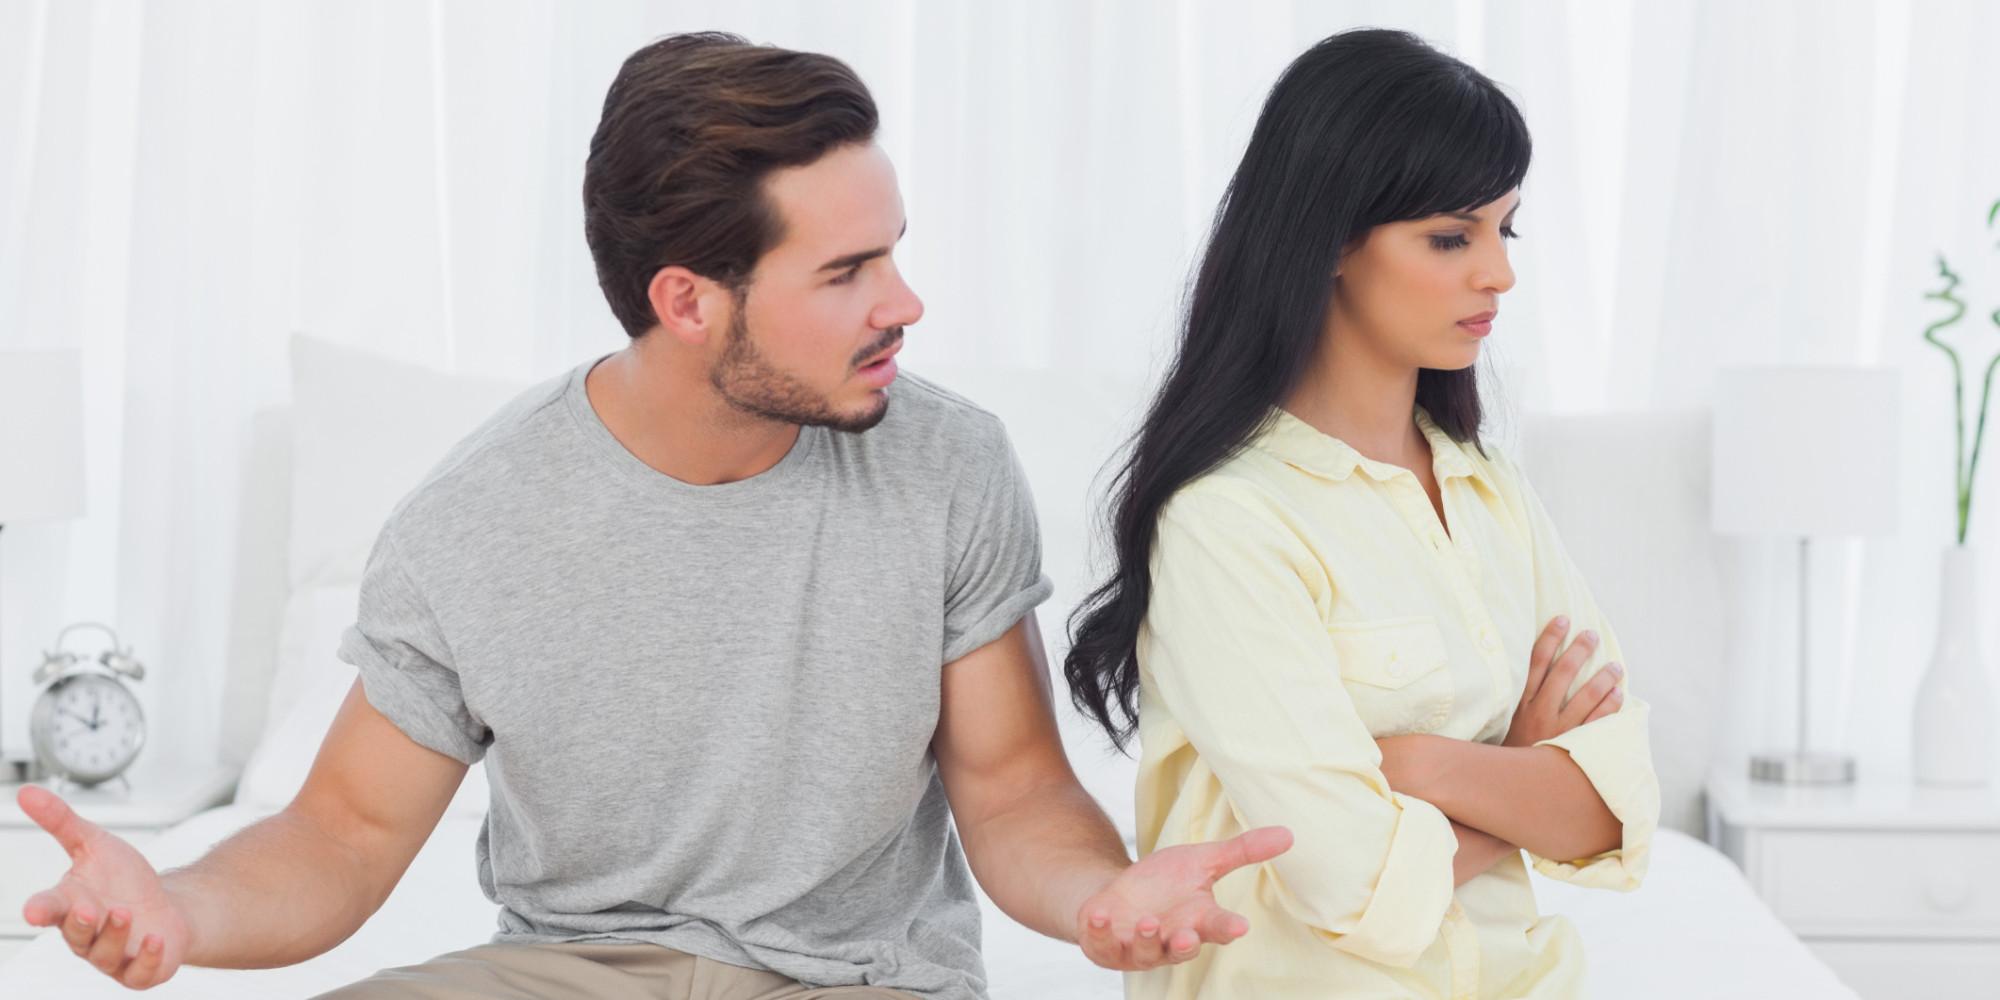 مشاكل زوجية يعجز الحب عن الوقوف في وجهها! | سيدي